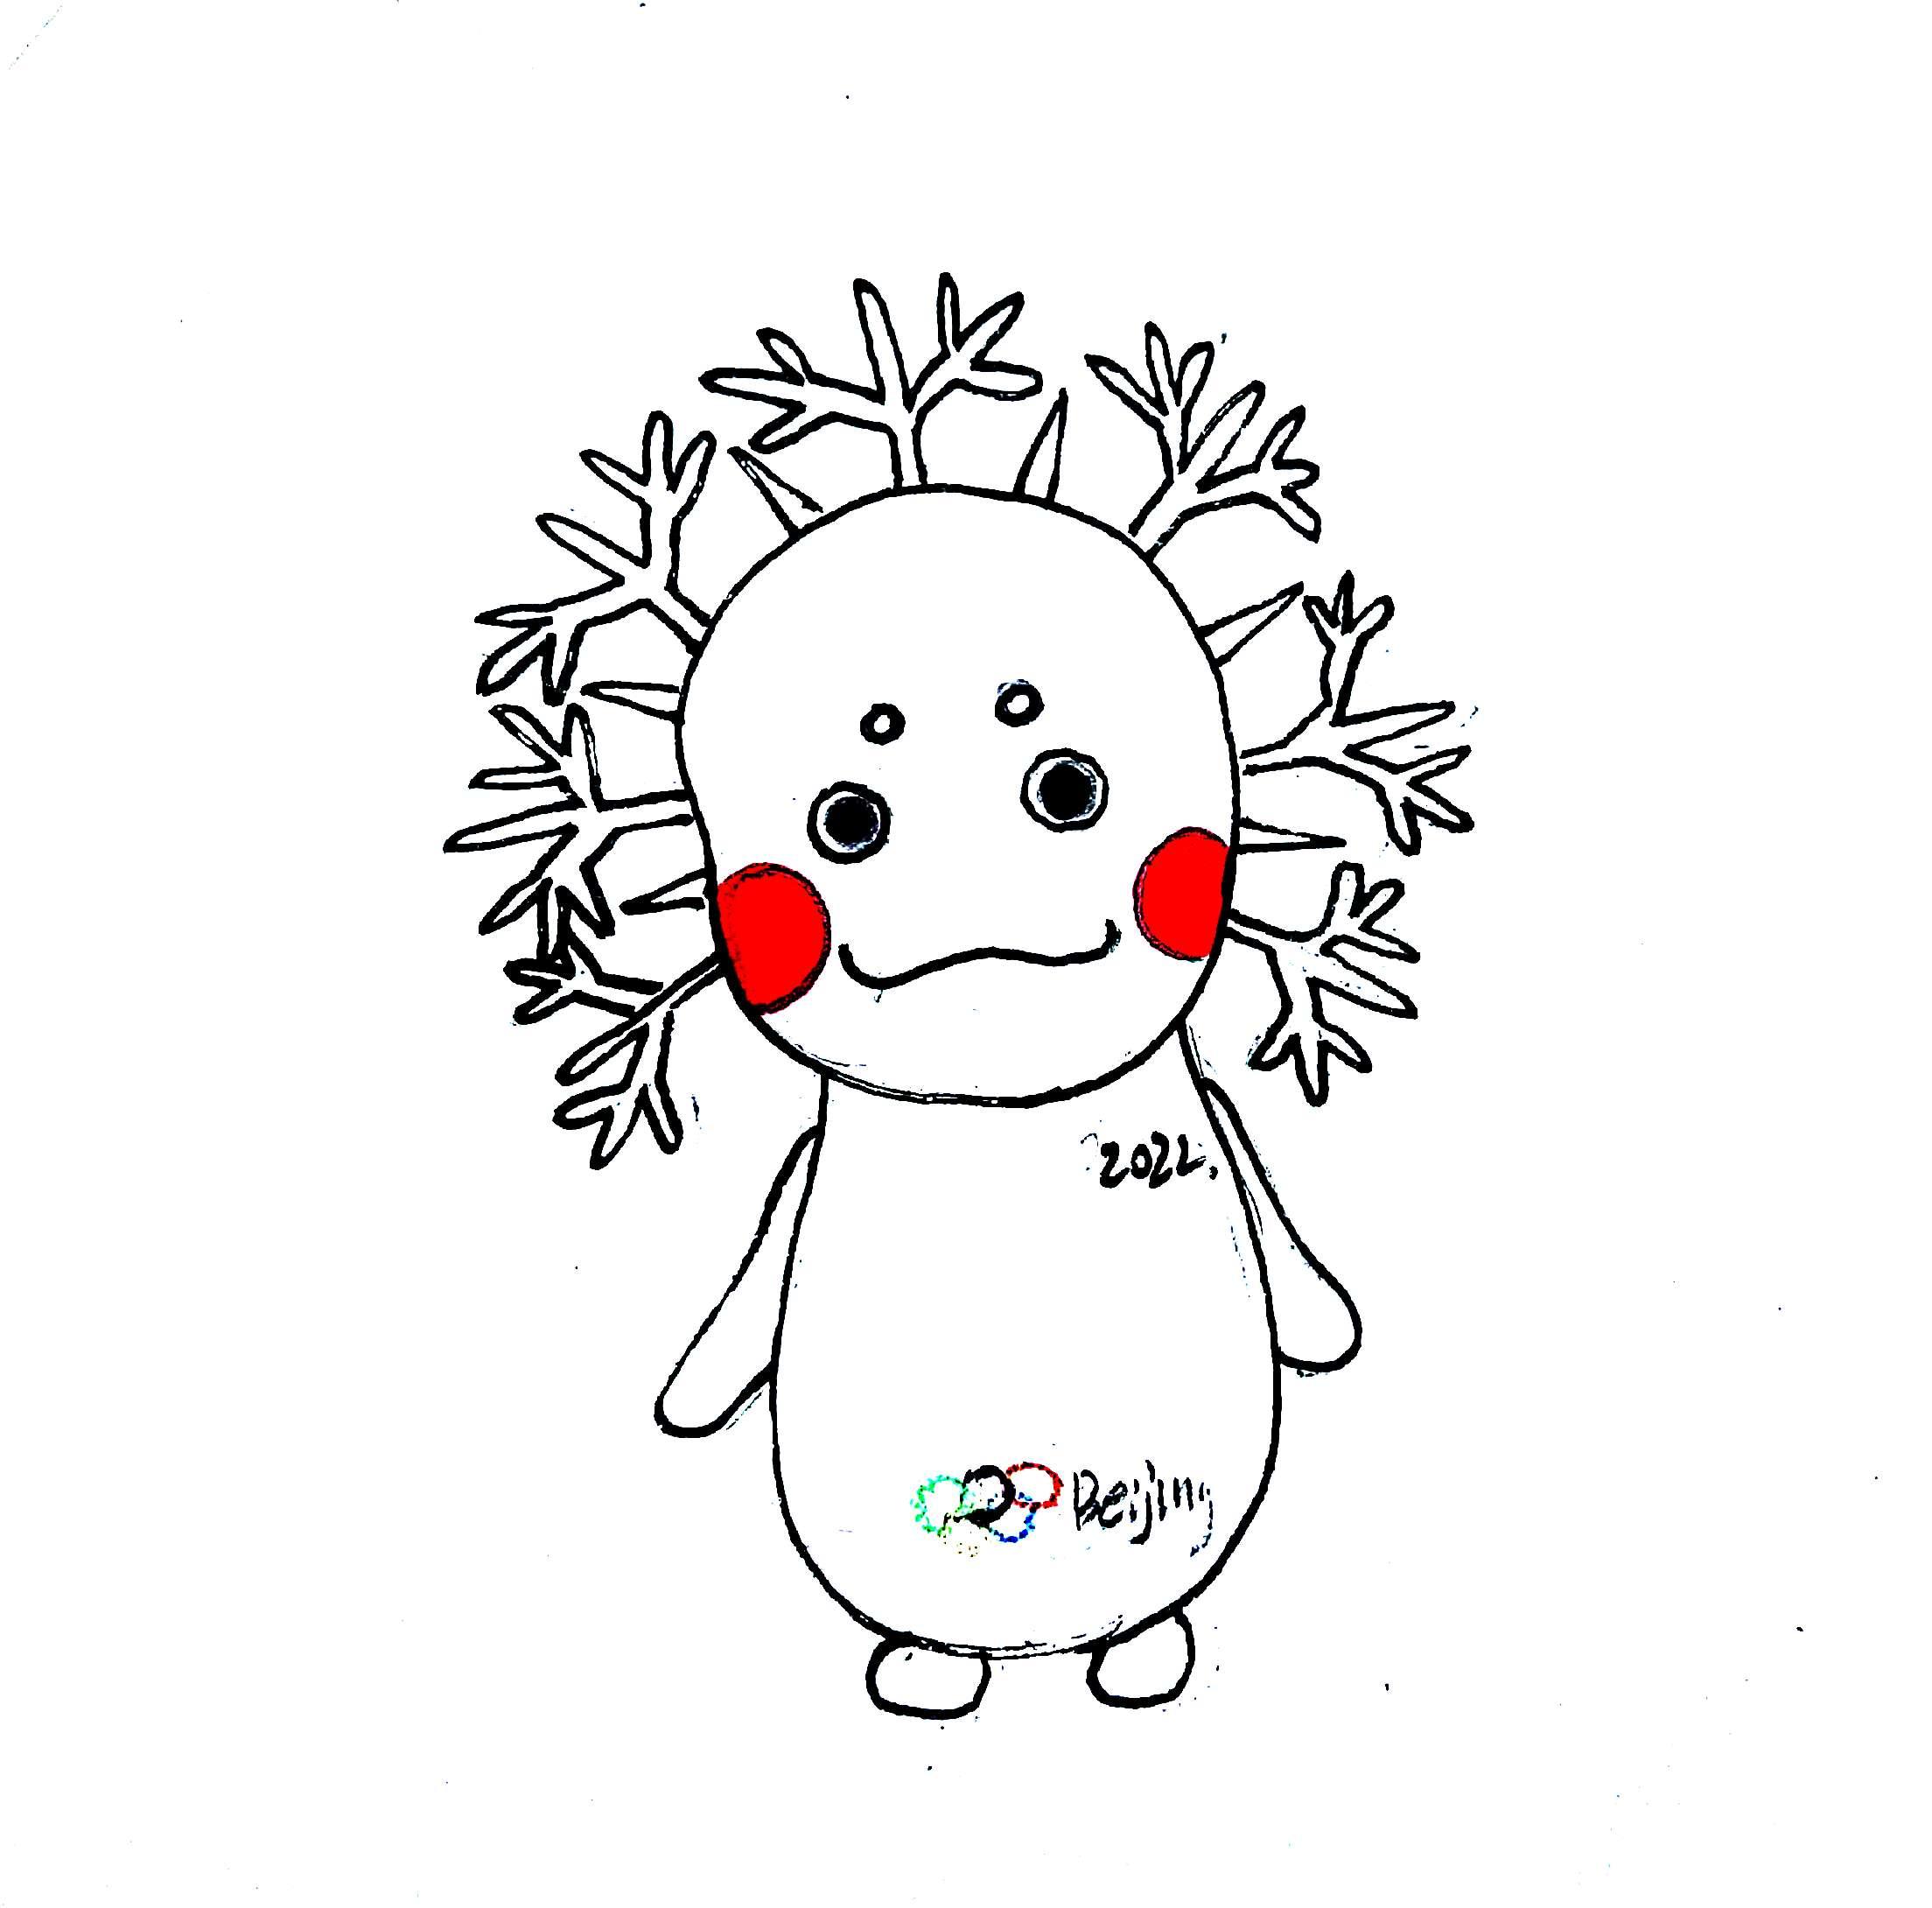 2022年冬奥会儿童画图片 220451 2208x2180图片